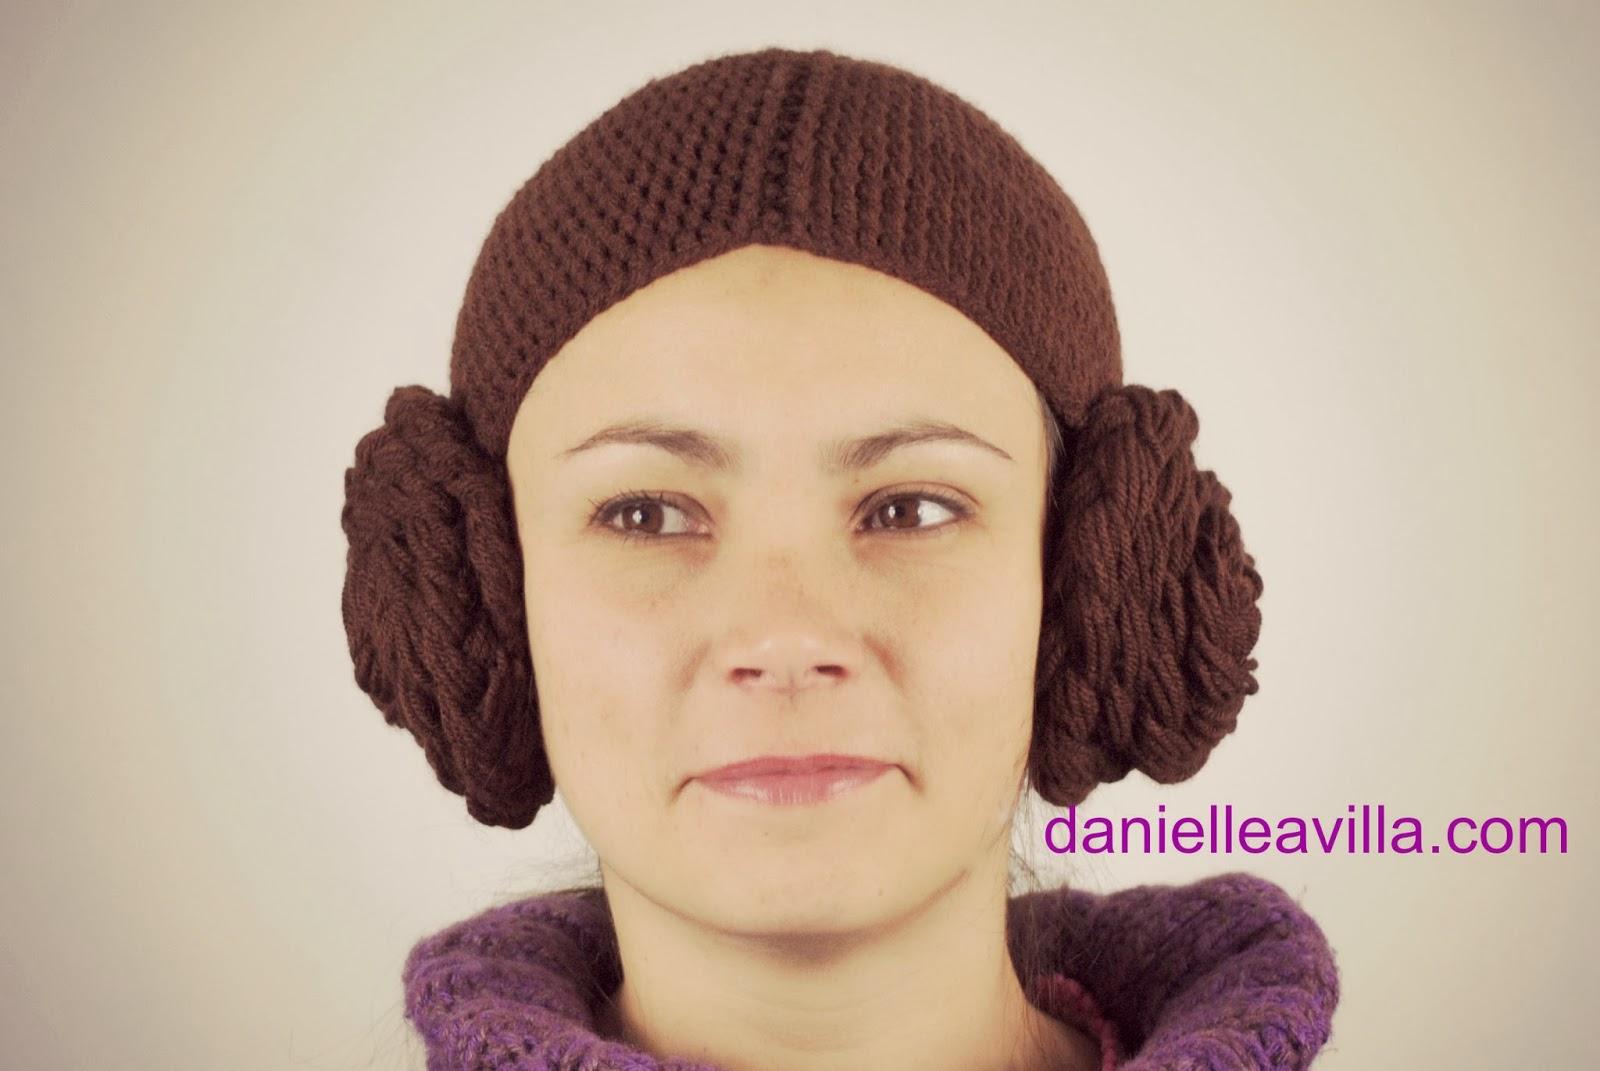 Danielle Avilla Gehäkelte Mütze Prinzessin Leia Star Wars